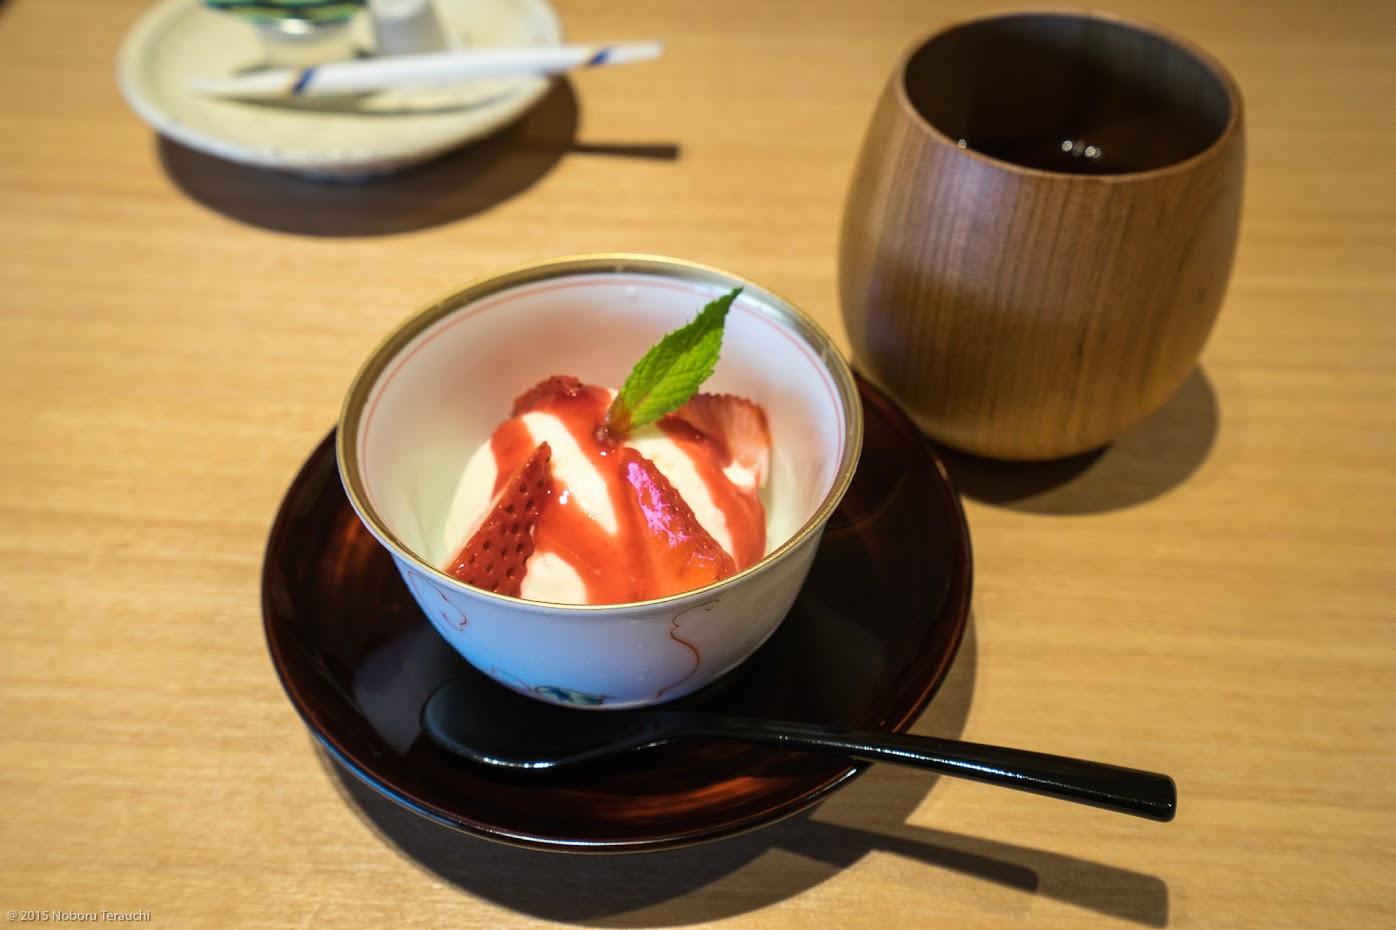 バニラアイスのラズベリーソースと比布の苺